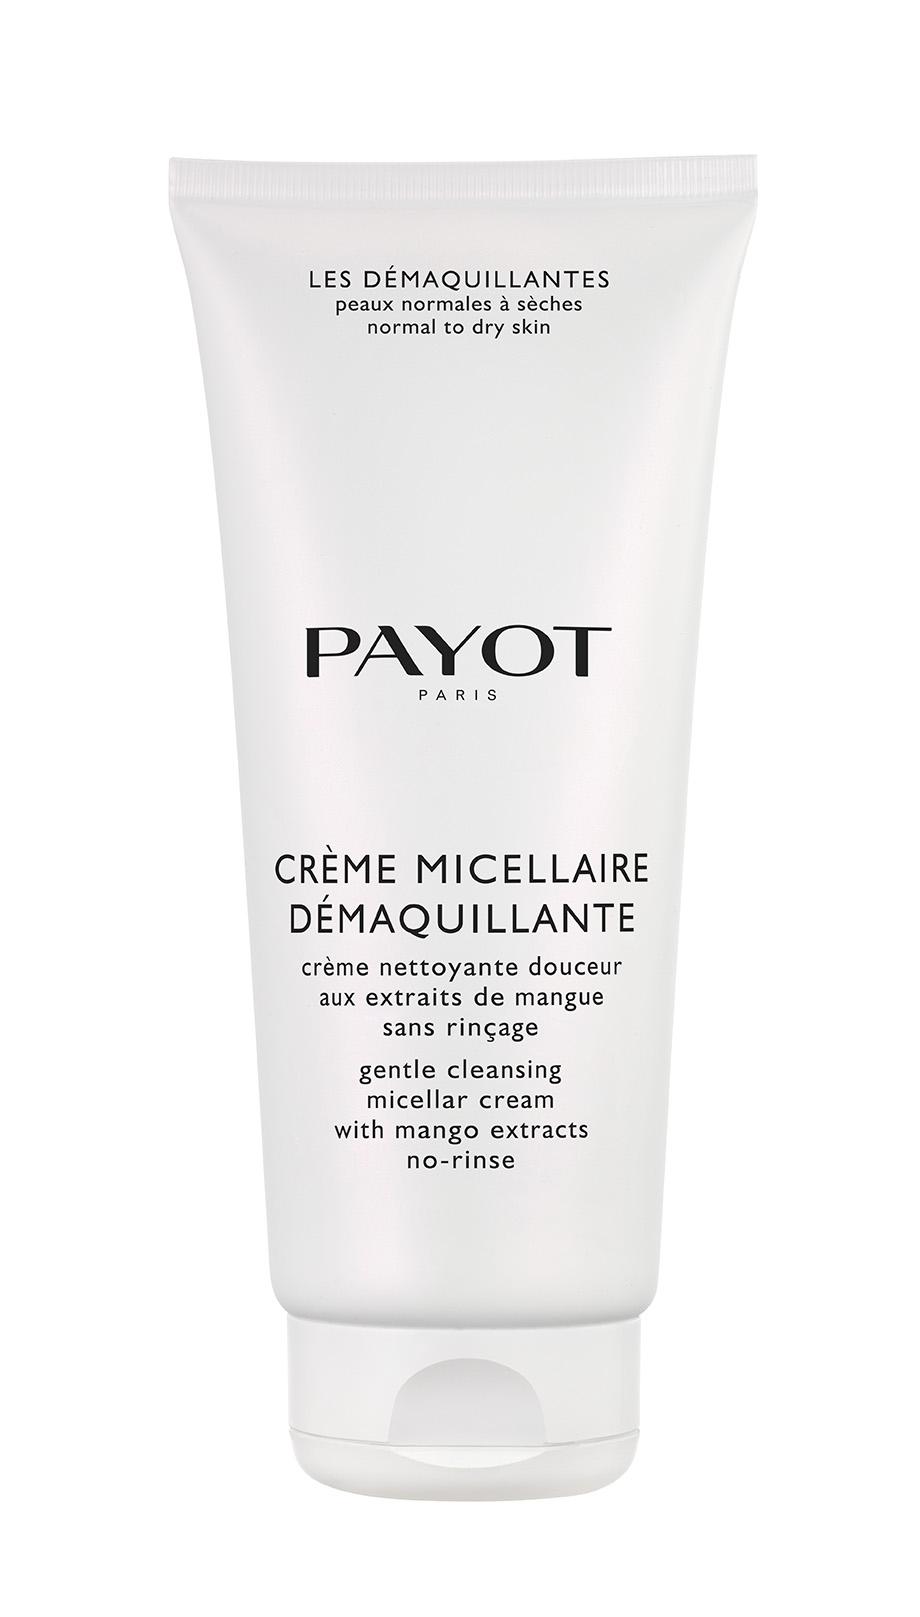 PAYOT Крем смягчающий очищающий для нормальной и сухой кожи / LES DEMAQUILLANTES 200 мл